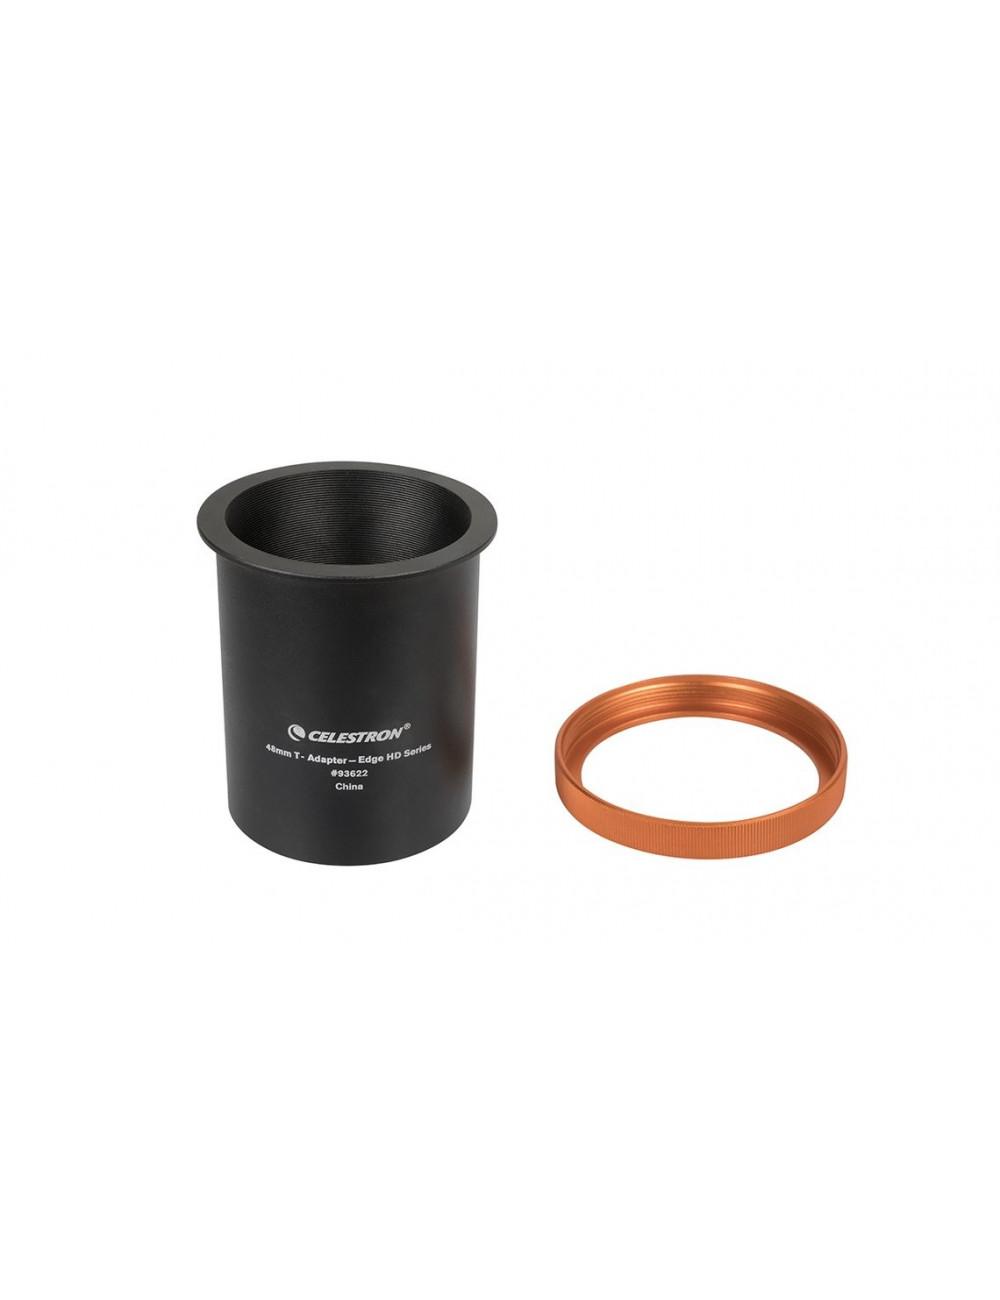 Adaptateur T 48mm pour EdgeHD 9.25-11-14 Celestron